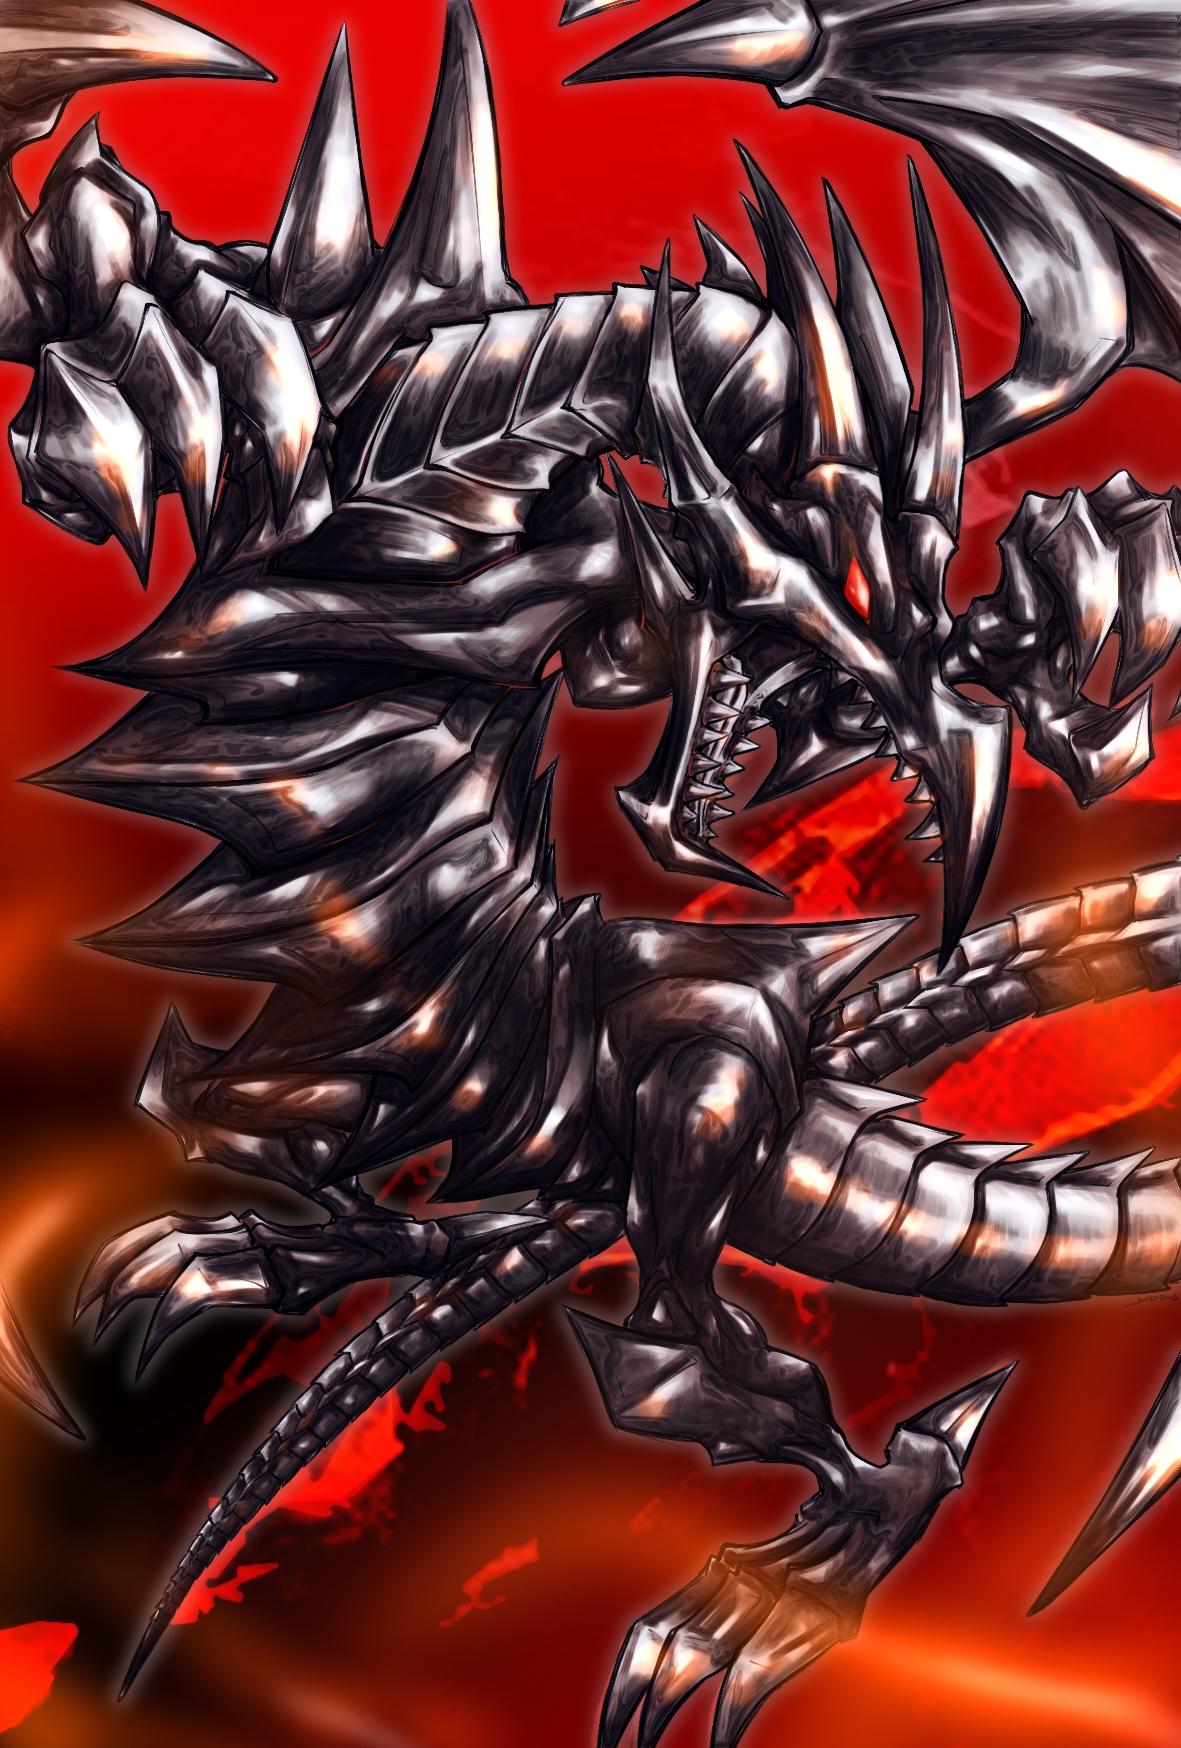 77 Red Eyes Black Dragon Wallpaper On Wallpapersafari